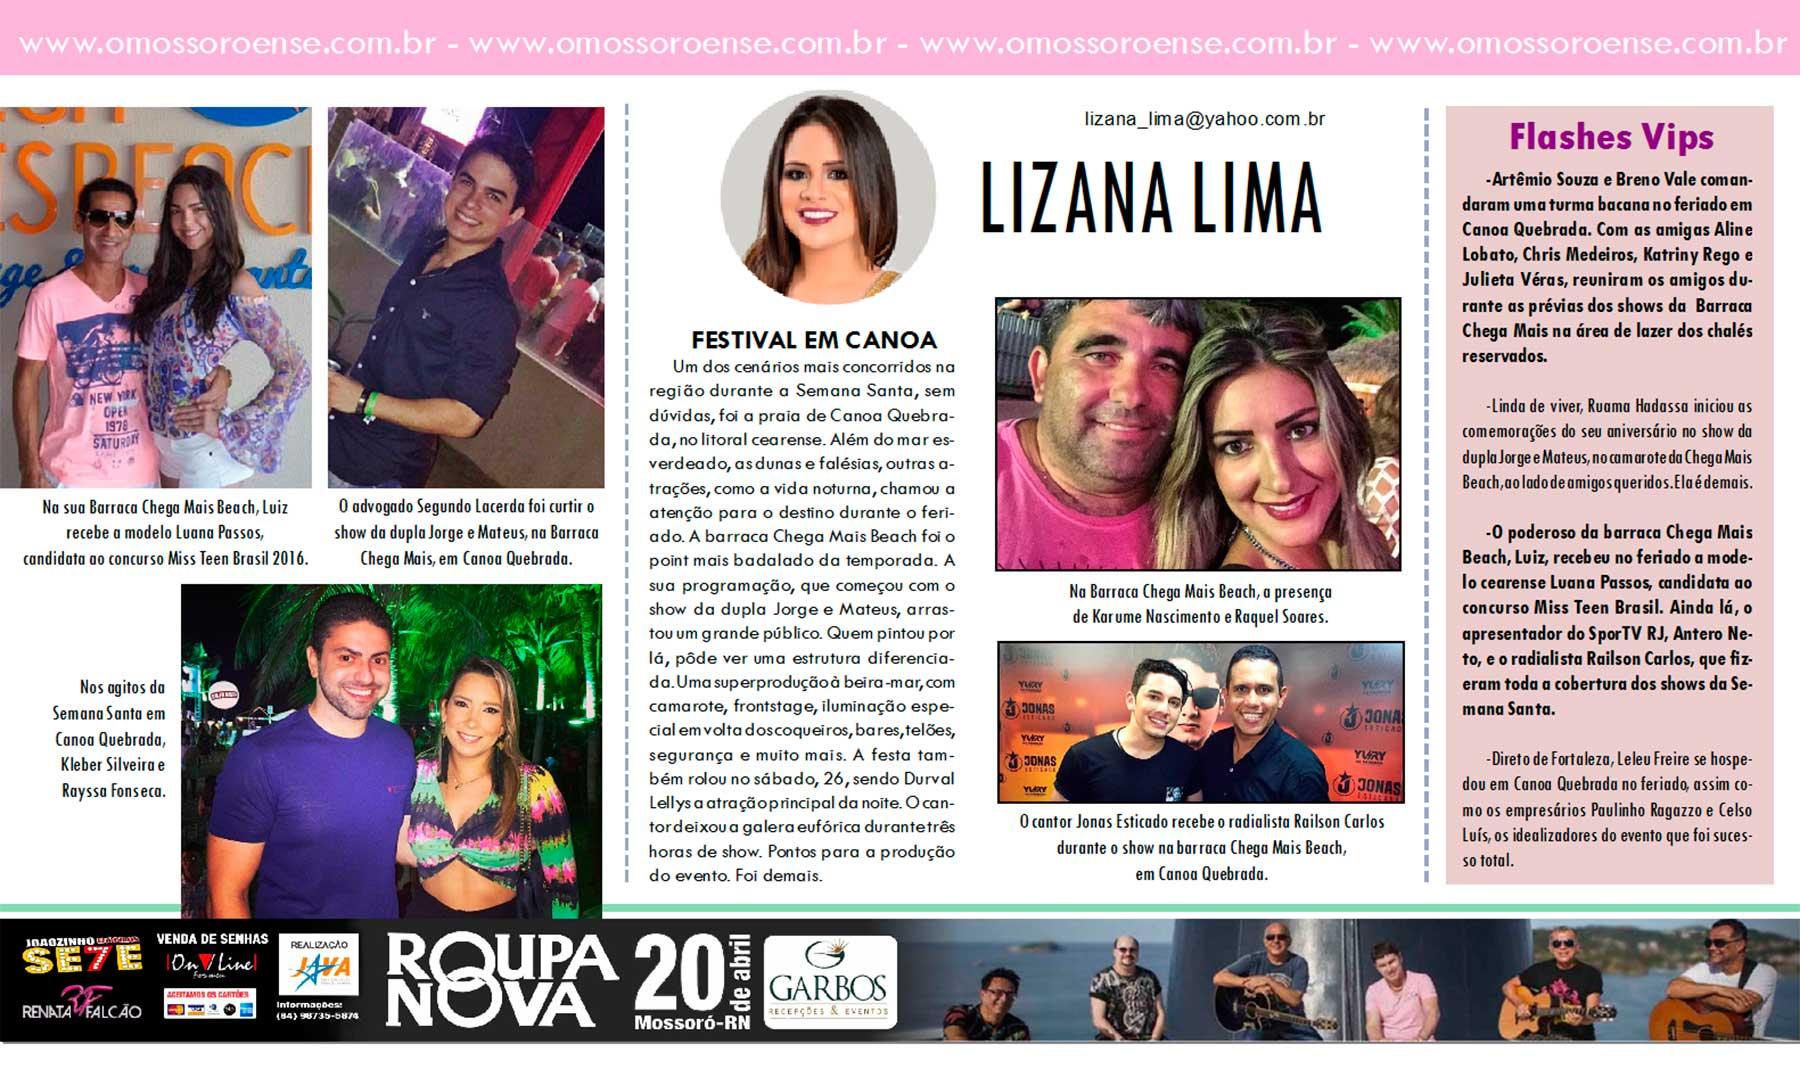 LIZANA-LIMA-29-03-16